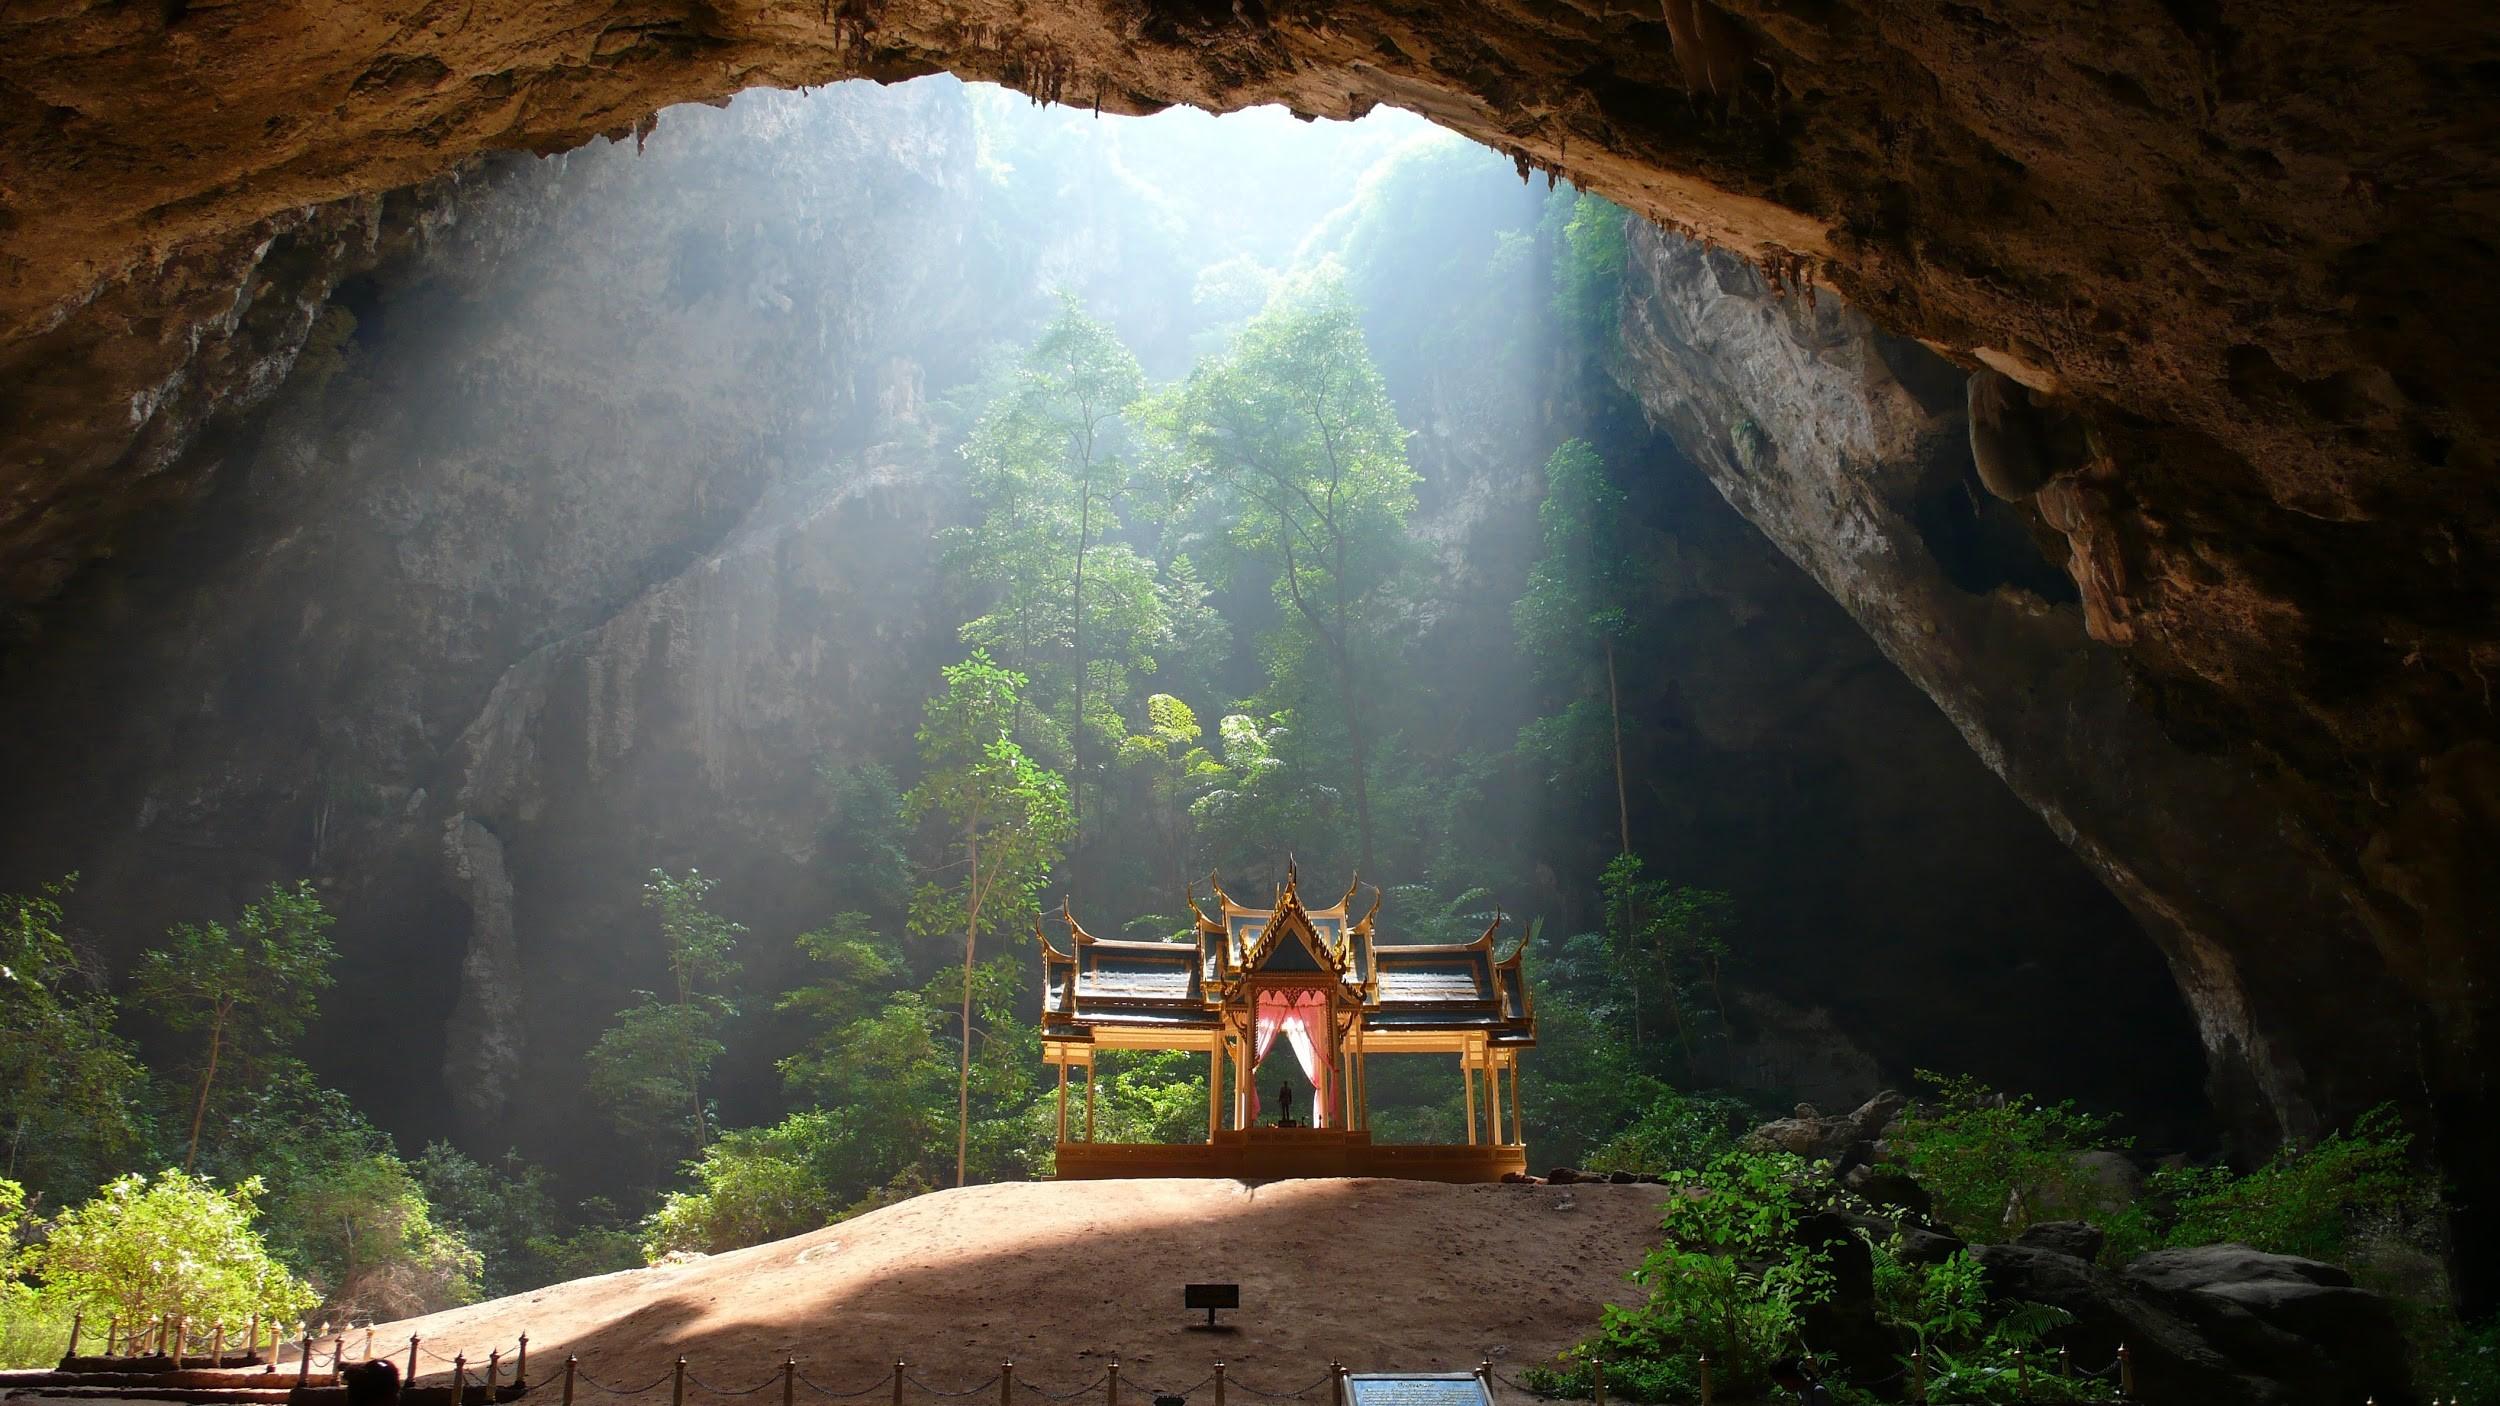 ปราณบุรี บรรยากาศแสนสงบน้ำใสและท้องฟ้าสีพาสเทล